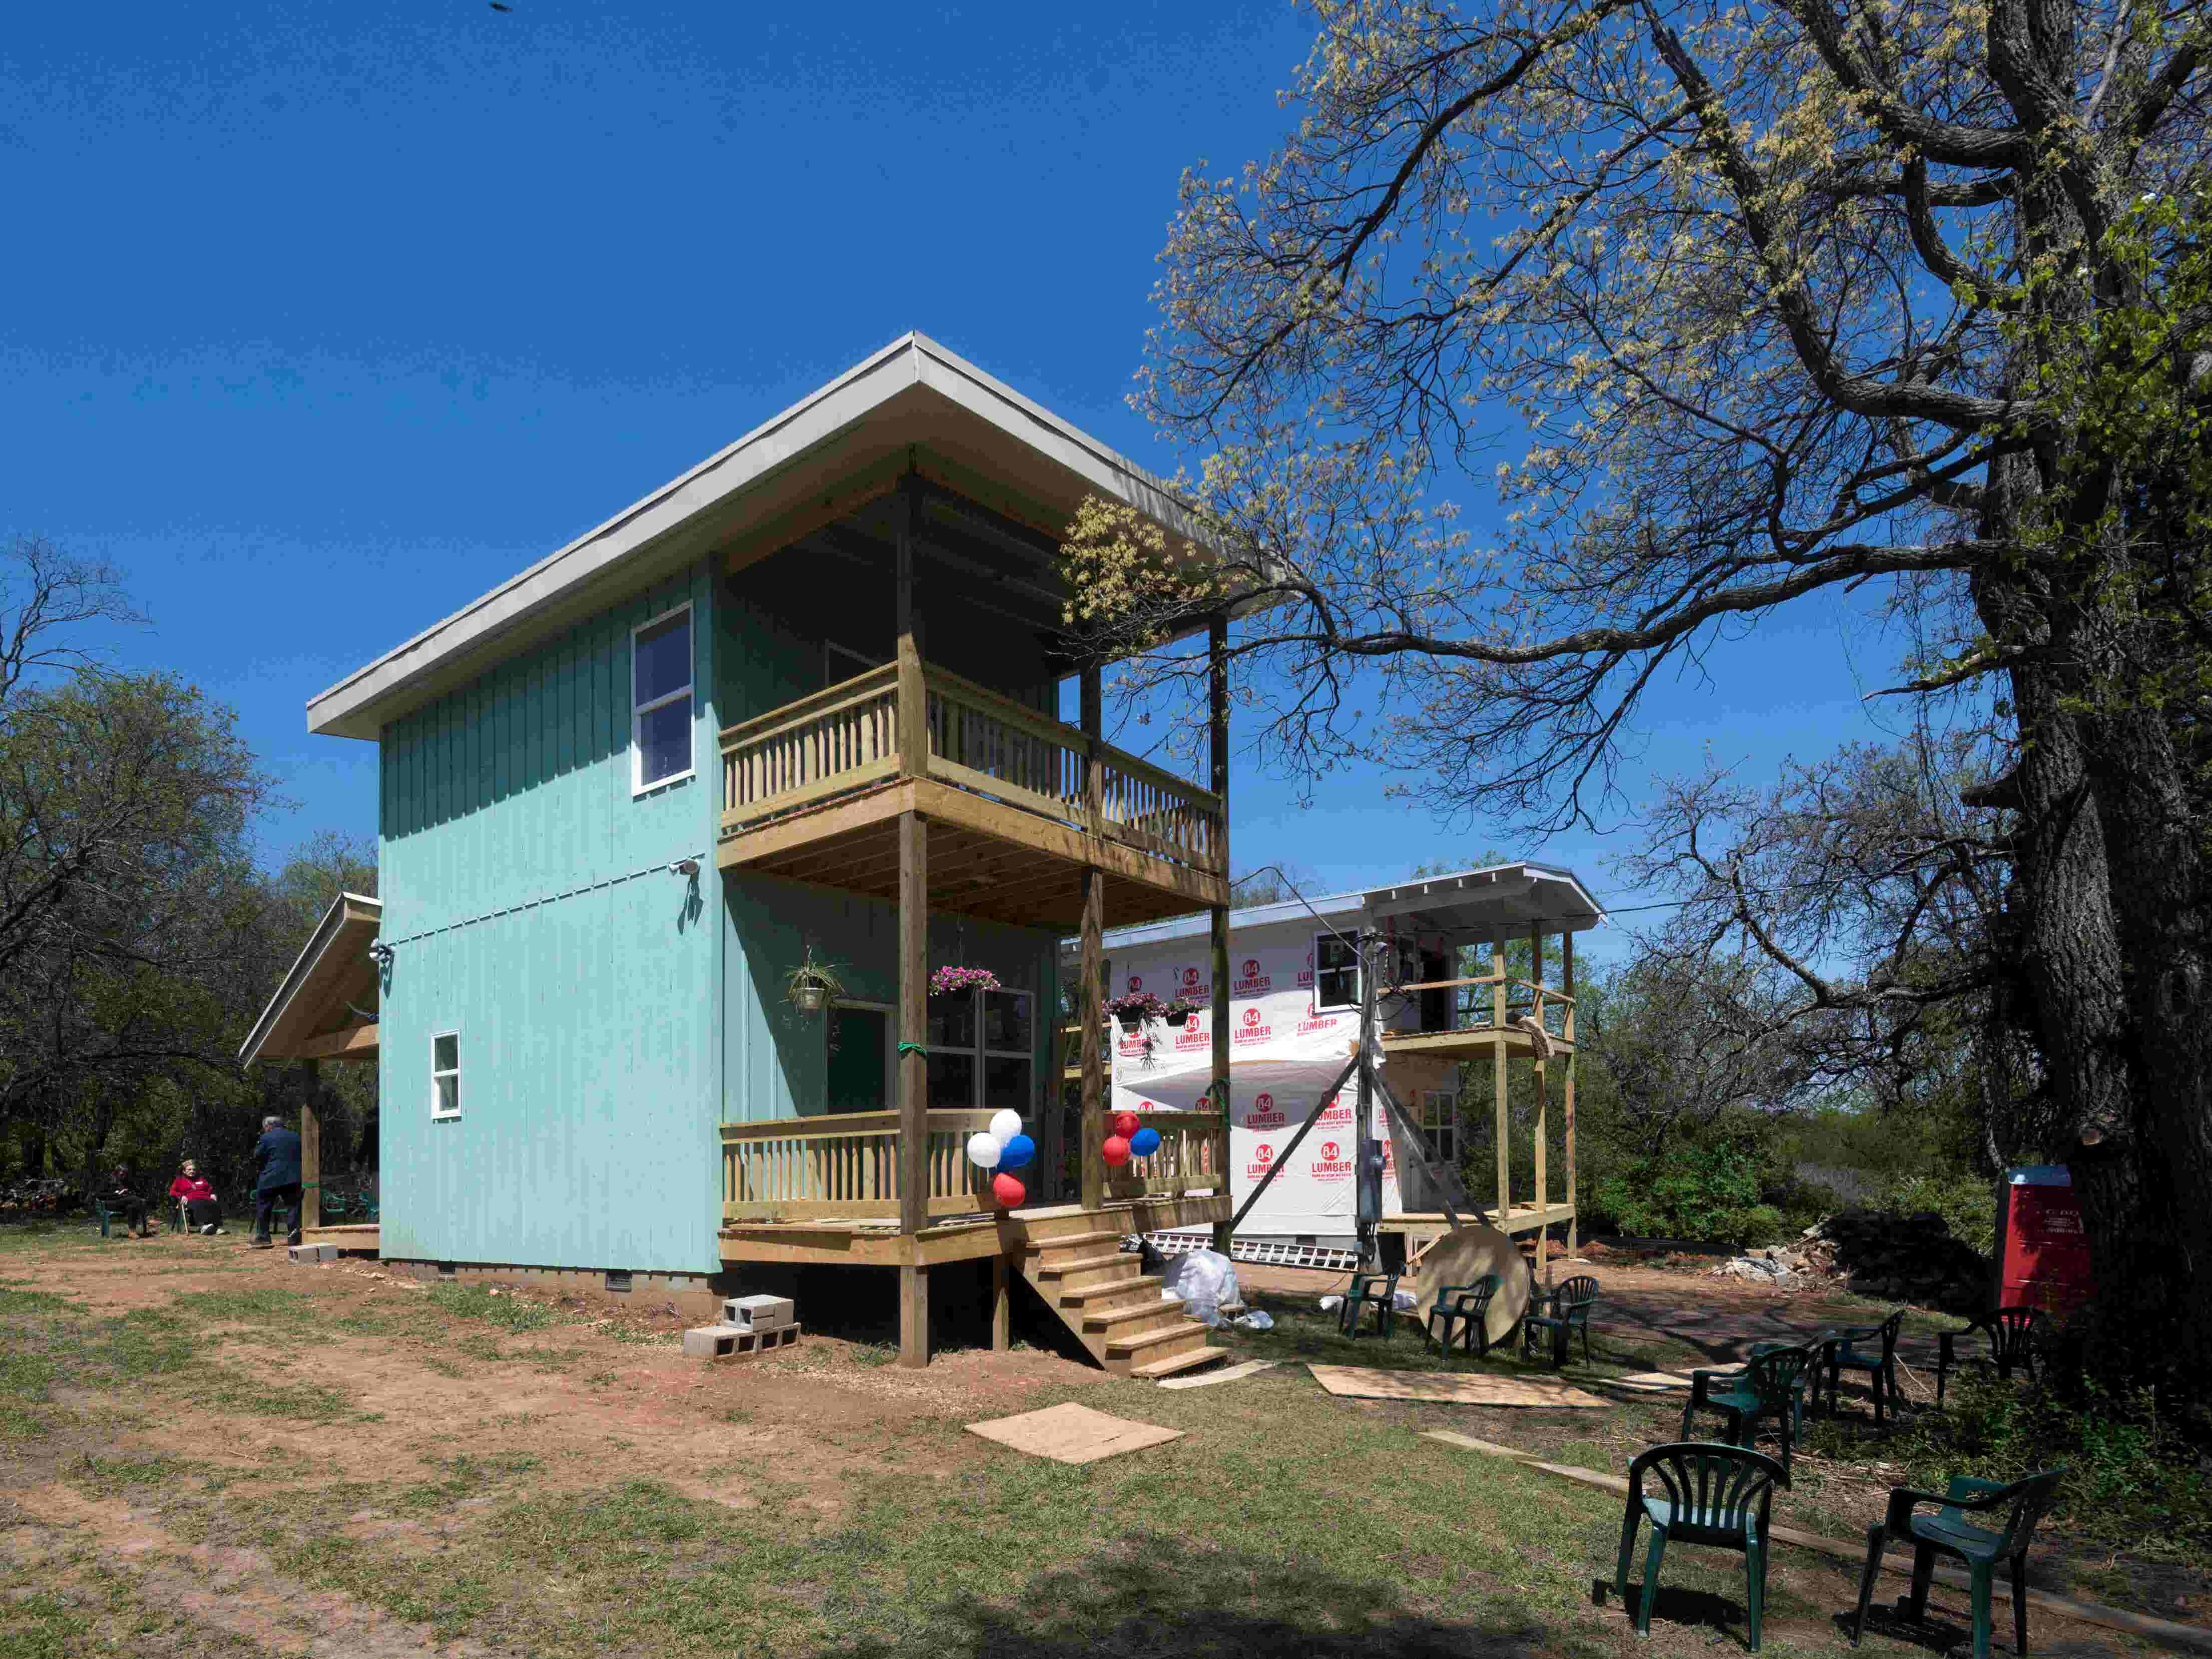 Richmond Ochard tiny home community